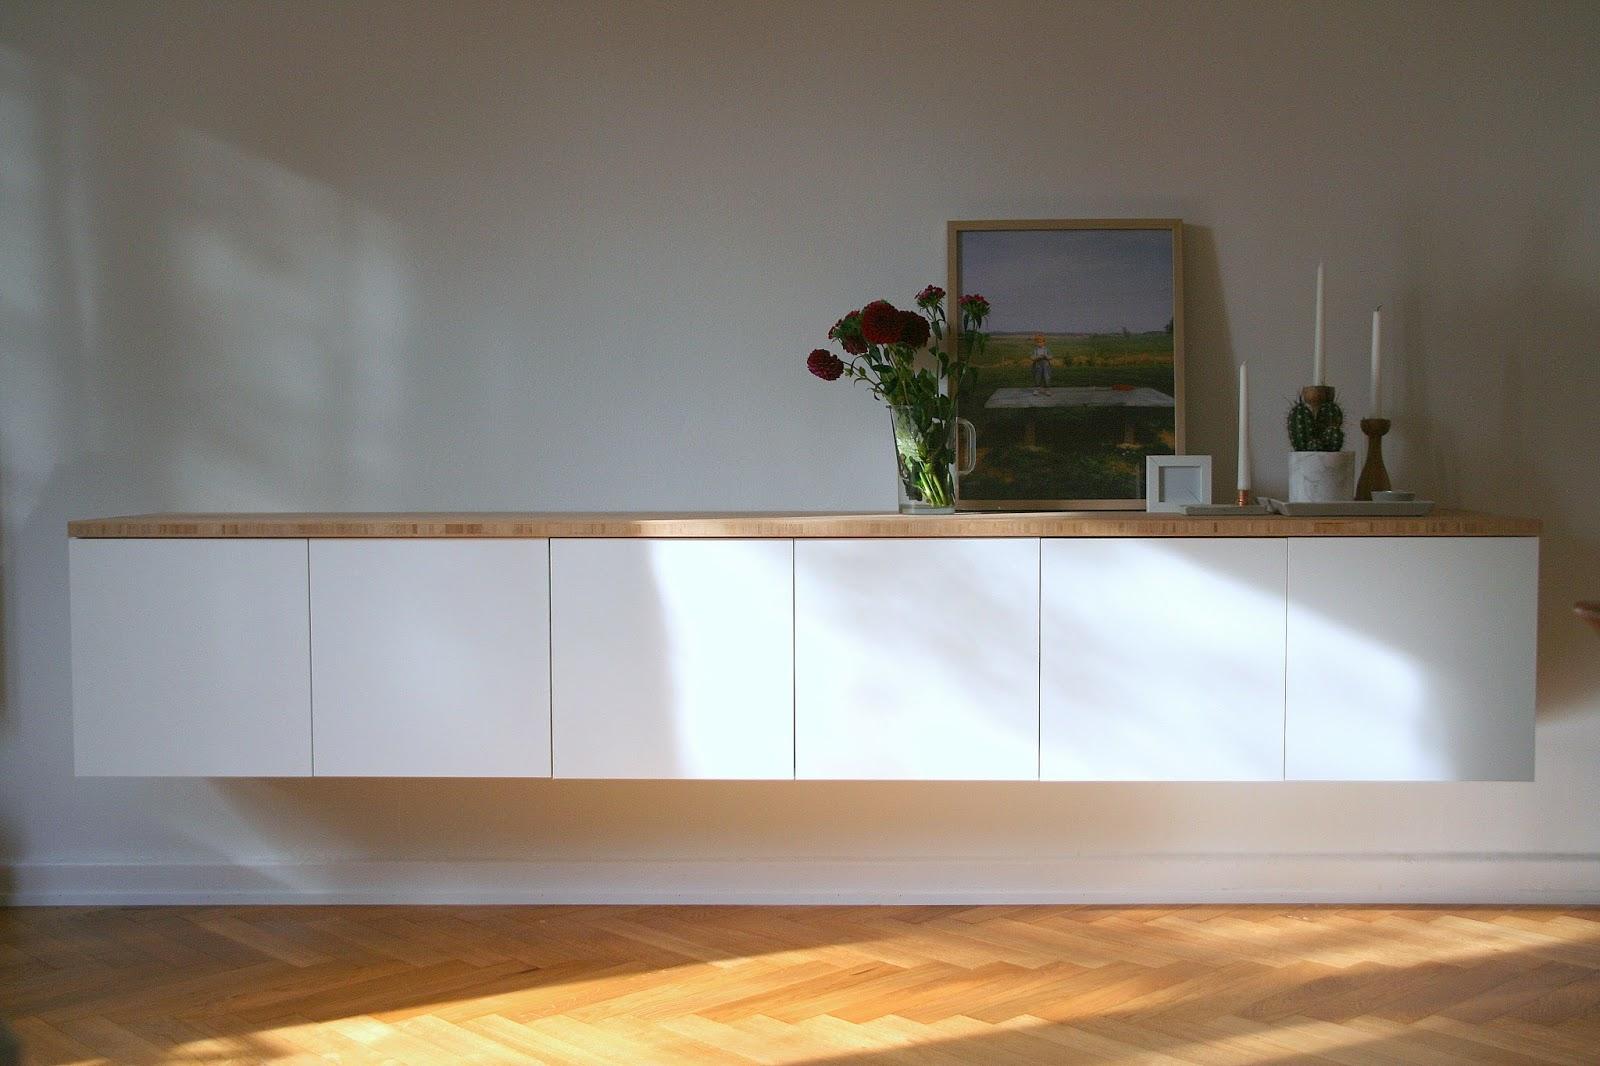 Full Size of Vidanullvier Diy Sideboard Ikea Hack Küche Kosten Kaufen Wohnzimmer Betten 160x200 Miniküche Bei Mit Arbeitsplatte Modulküche Sofa Schlaffunktion Wohnzimmer Ikea Sideboard